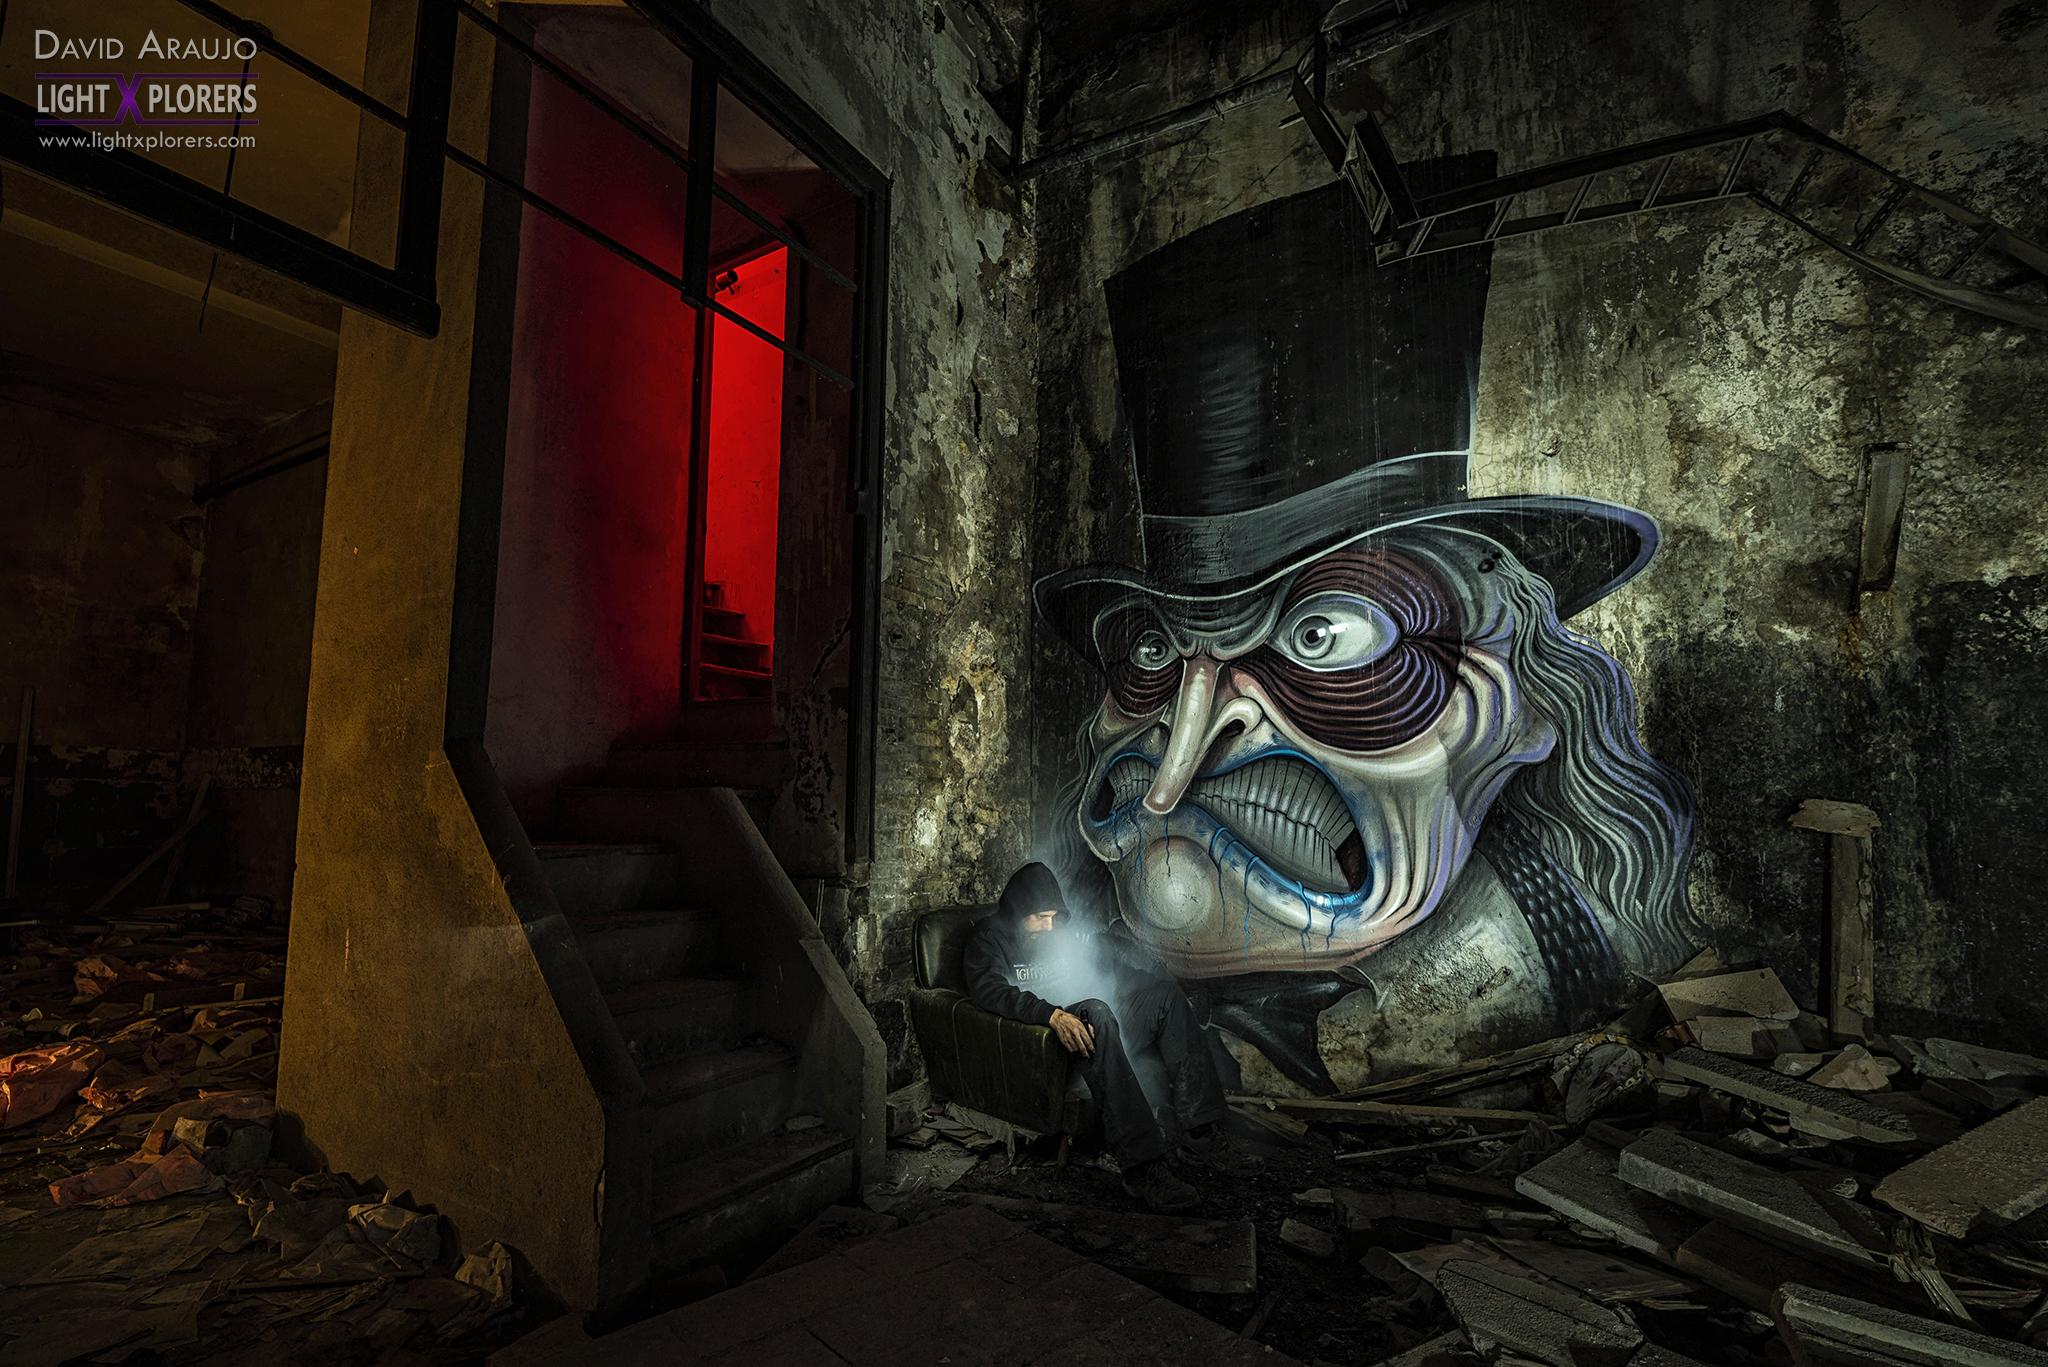 Caracters Graffiti Art